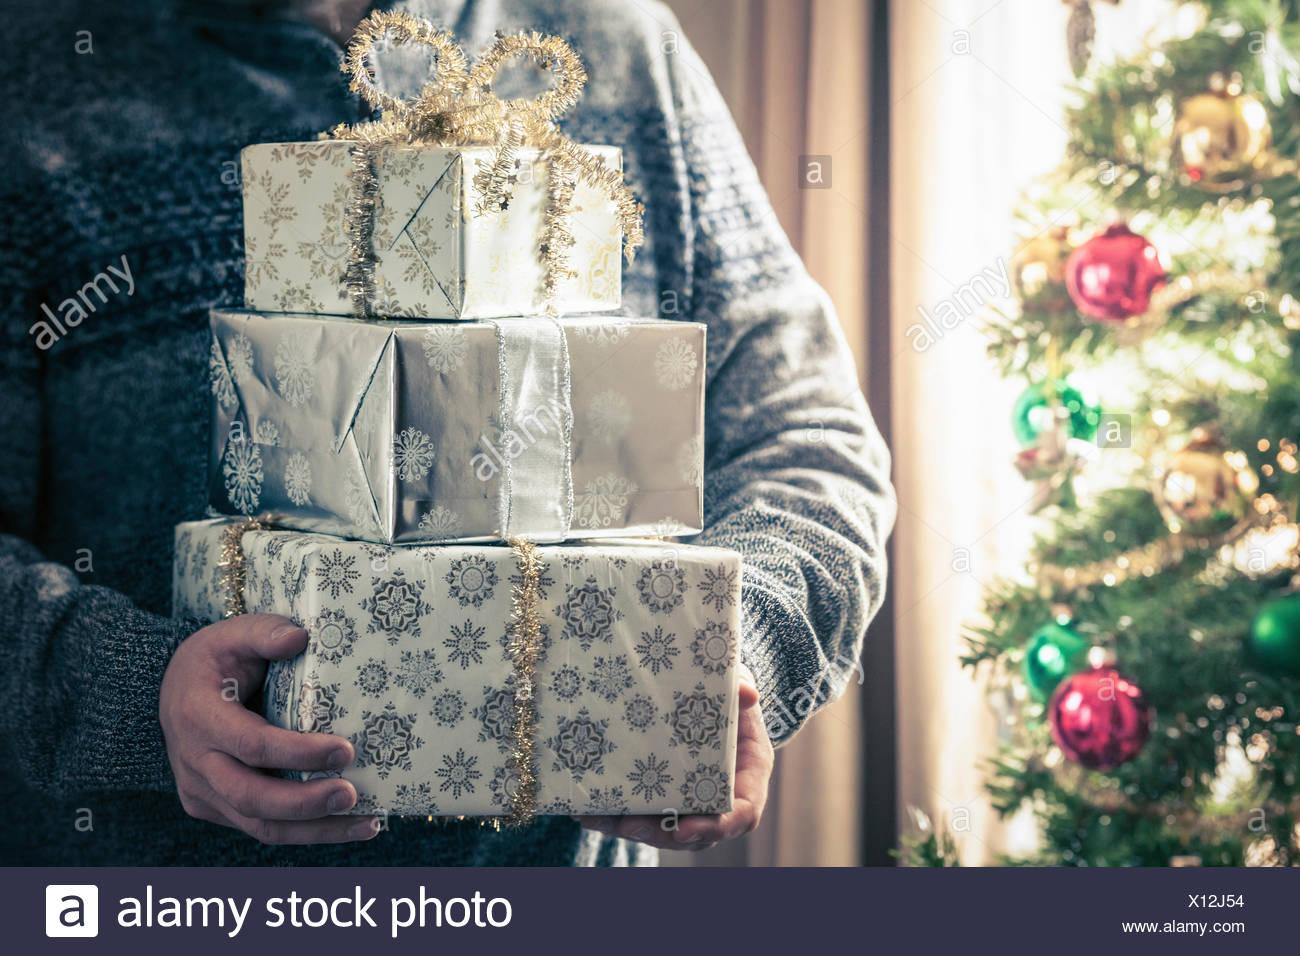 Persona sosteniendo la pila de regalos de Navidad Imagen De Stock